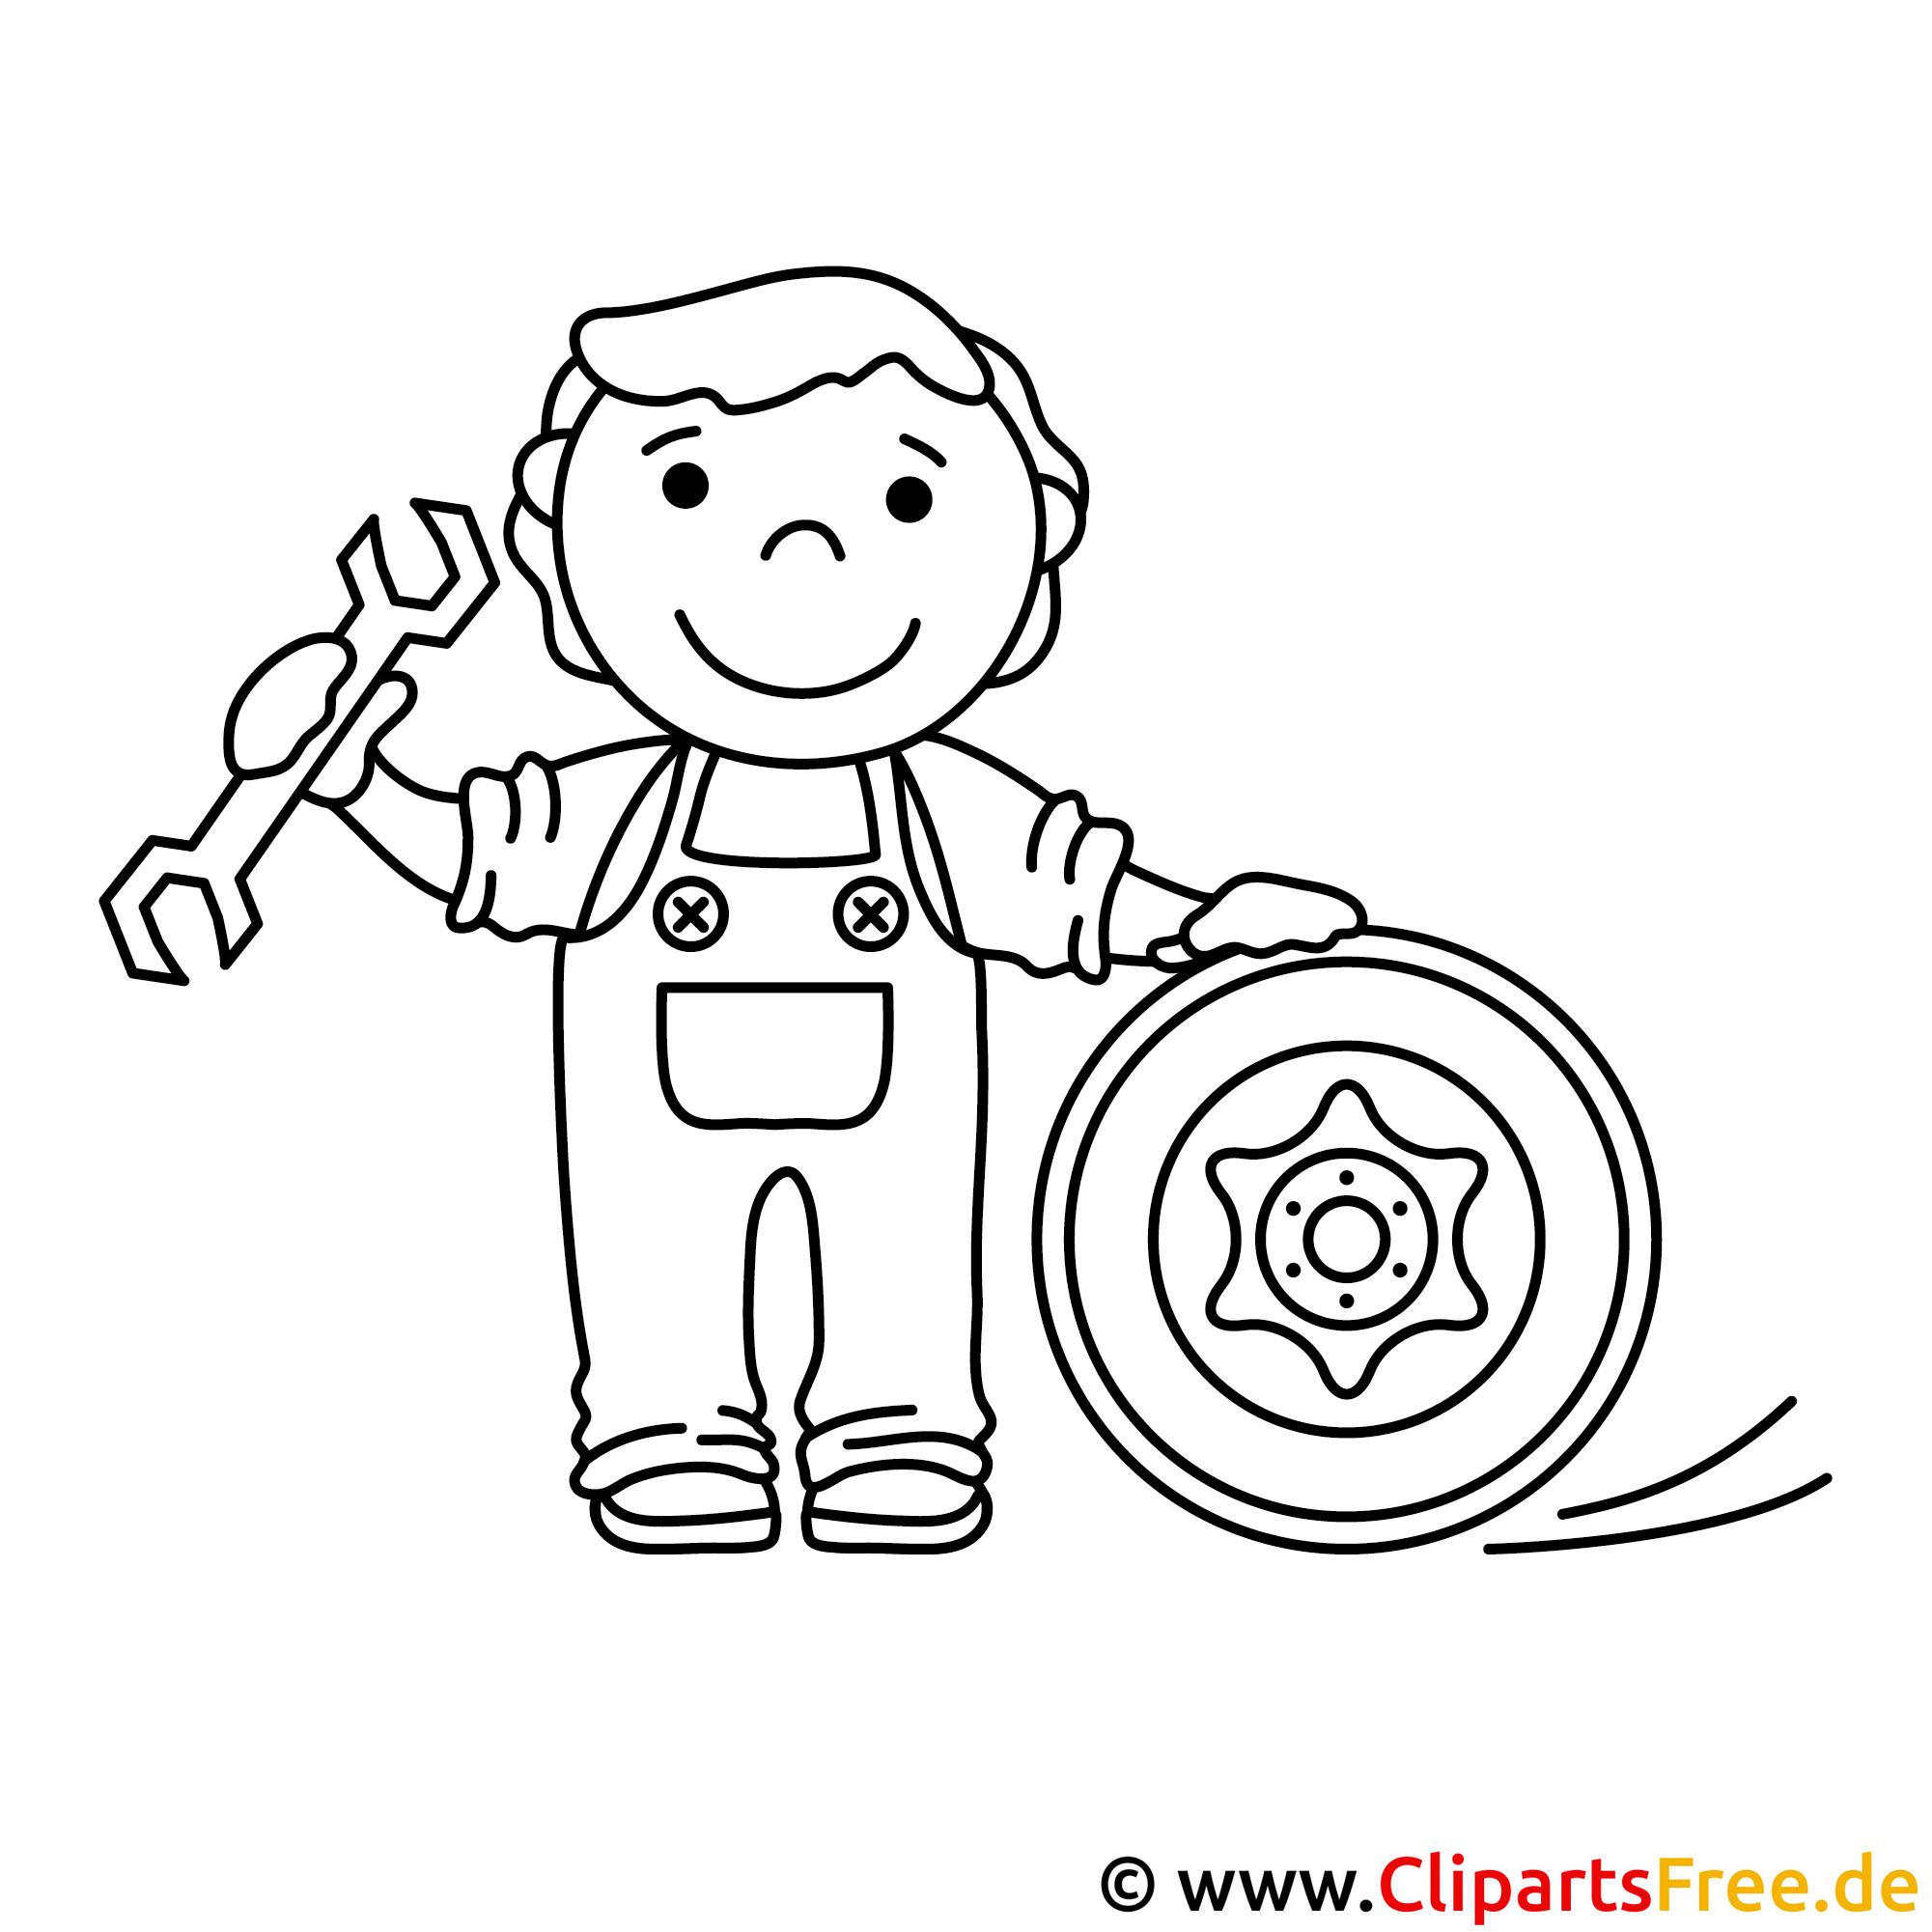 Mechaniker Bild zum Ausmalen, Malvorlage